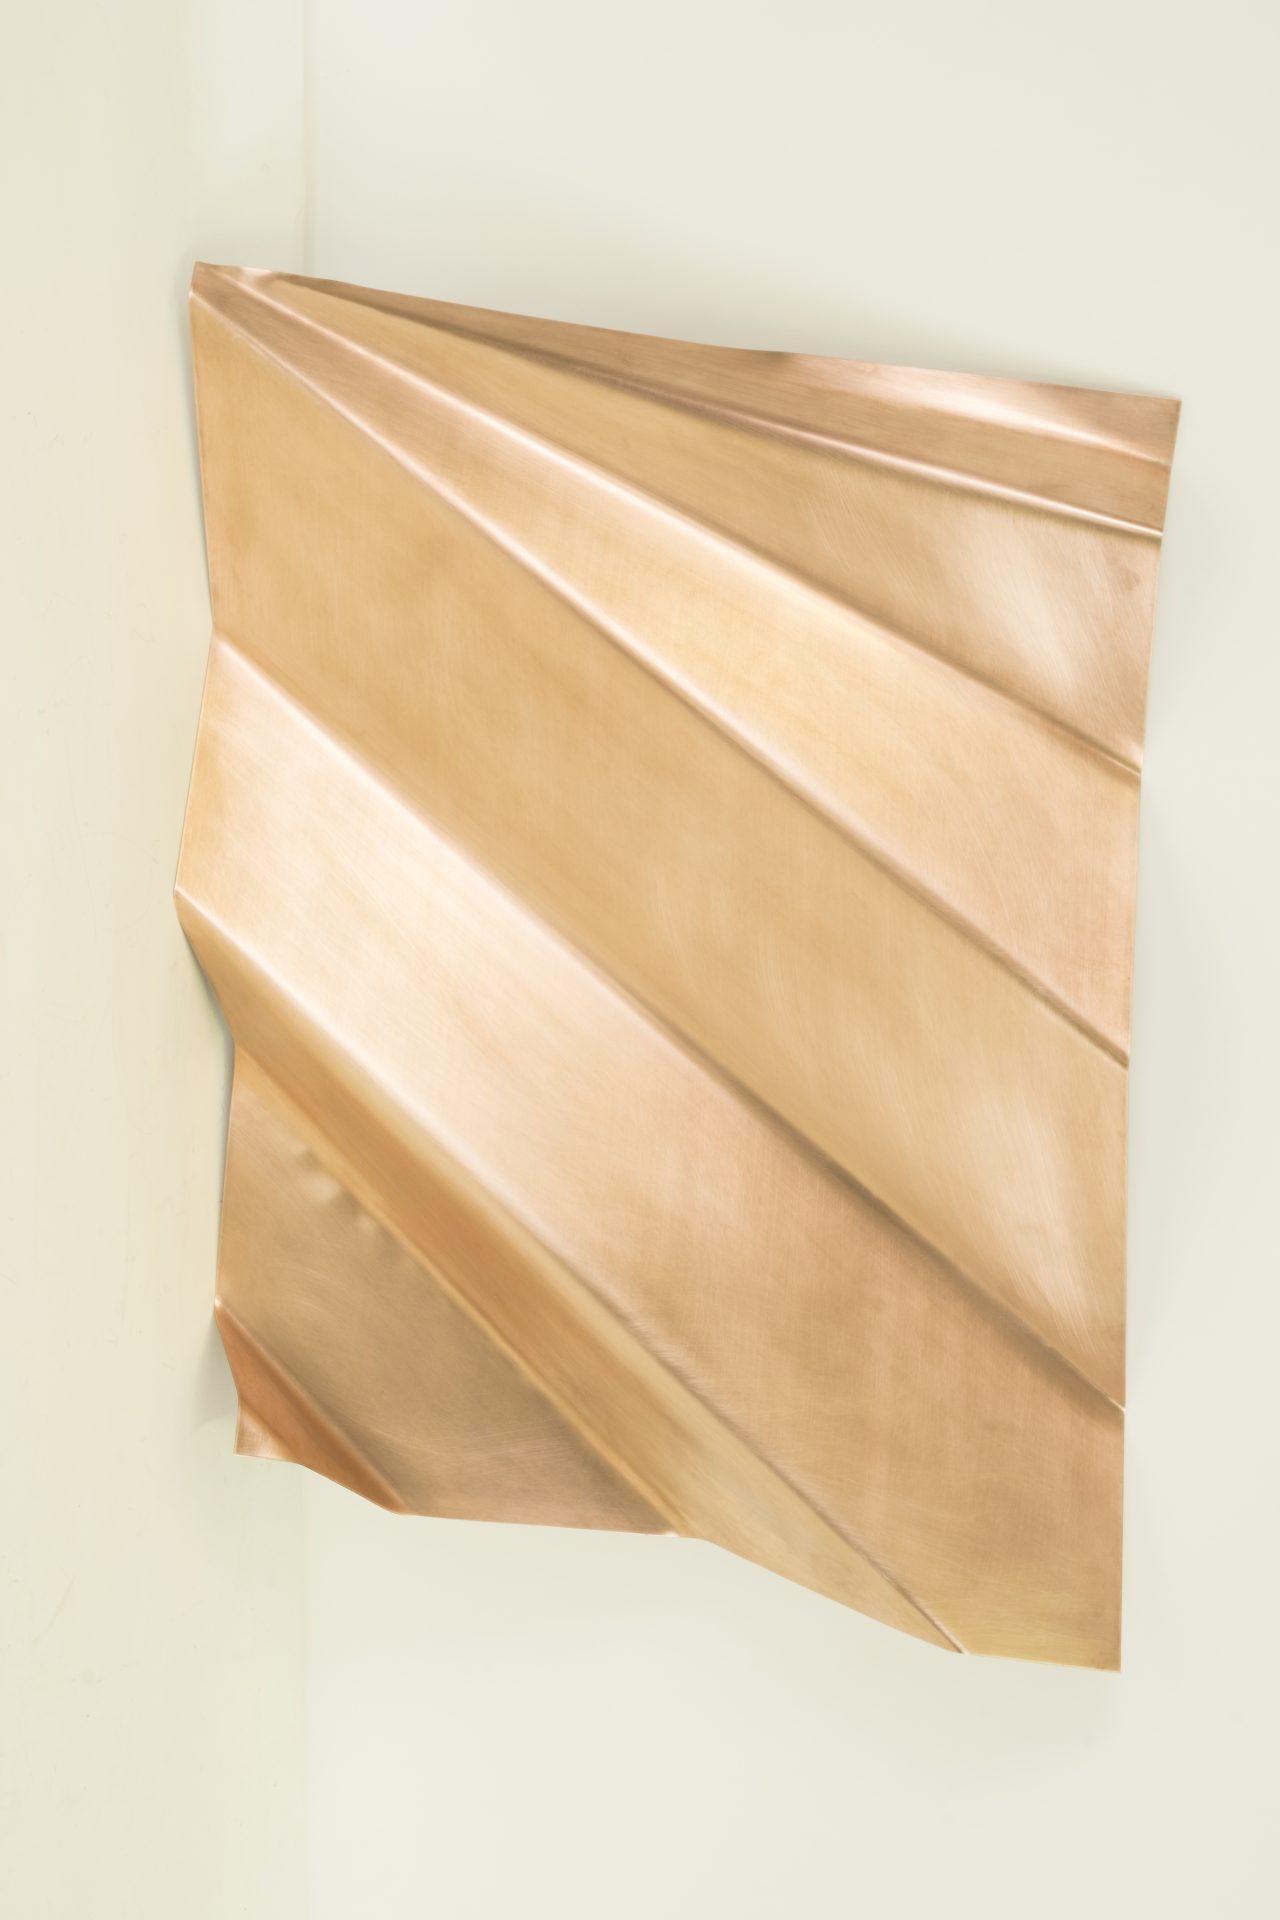 Genitori Forti<br>SPR011<br>misure: 63 x 49 x 12 cm<br>tecnica: scultura di rame<br>anno: 2018